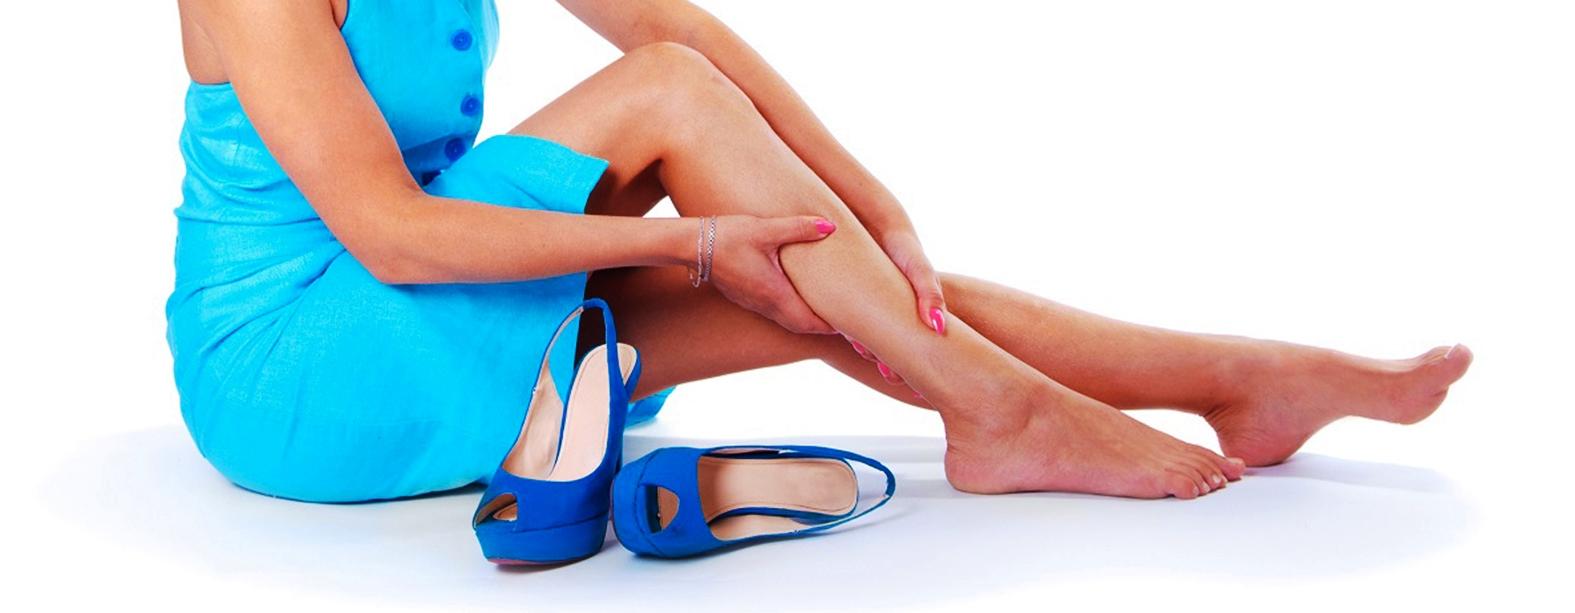 Варикоз: причины, симптомы и лечение